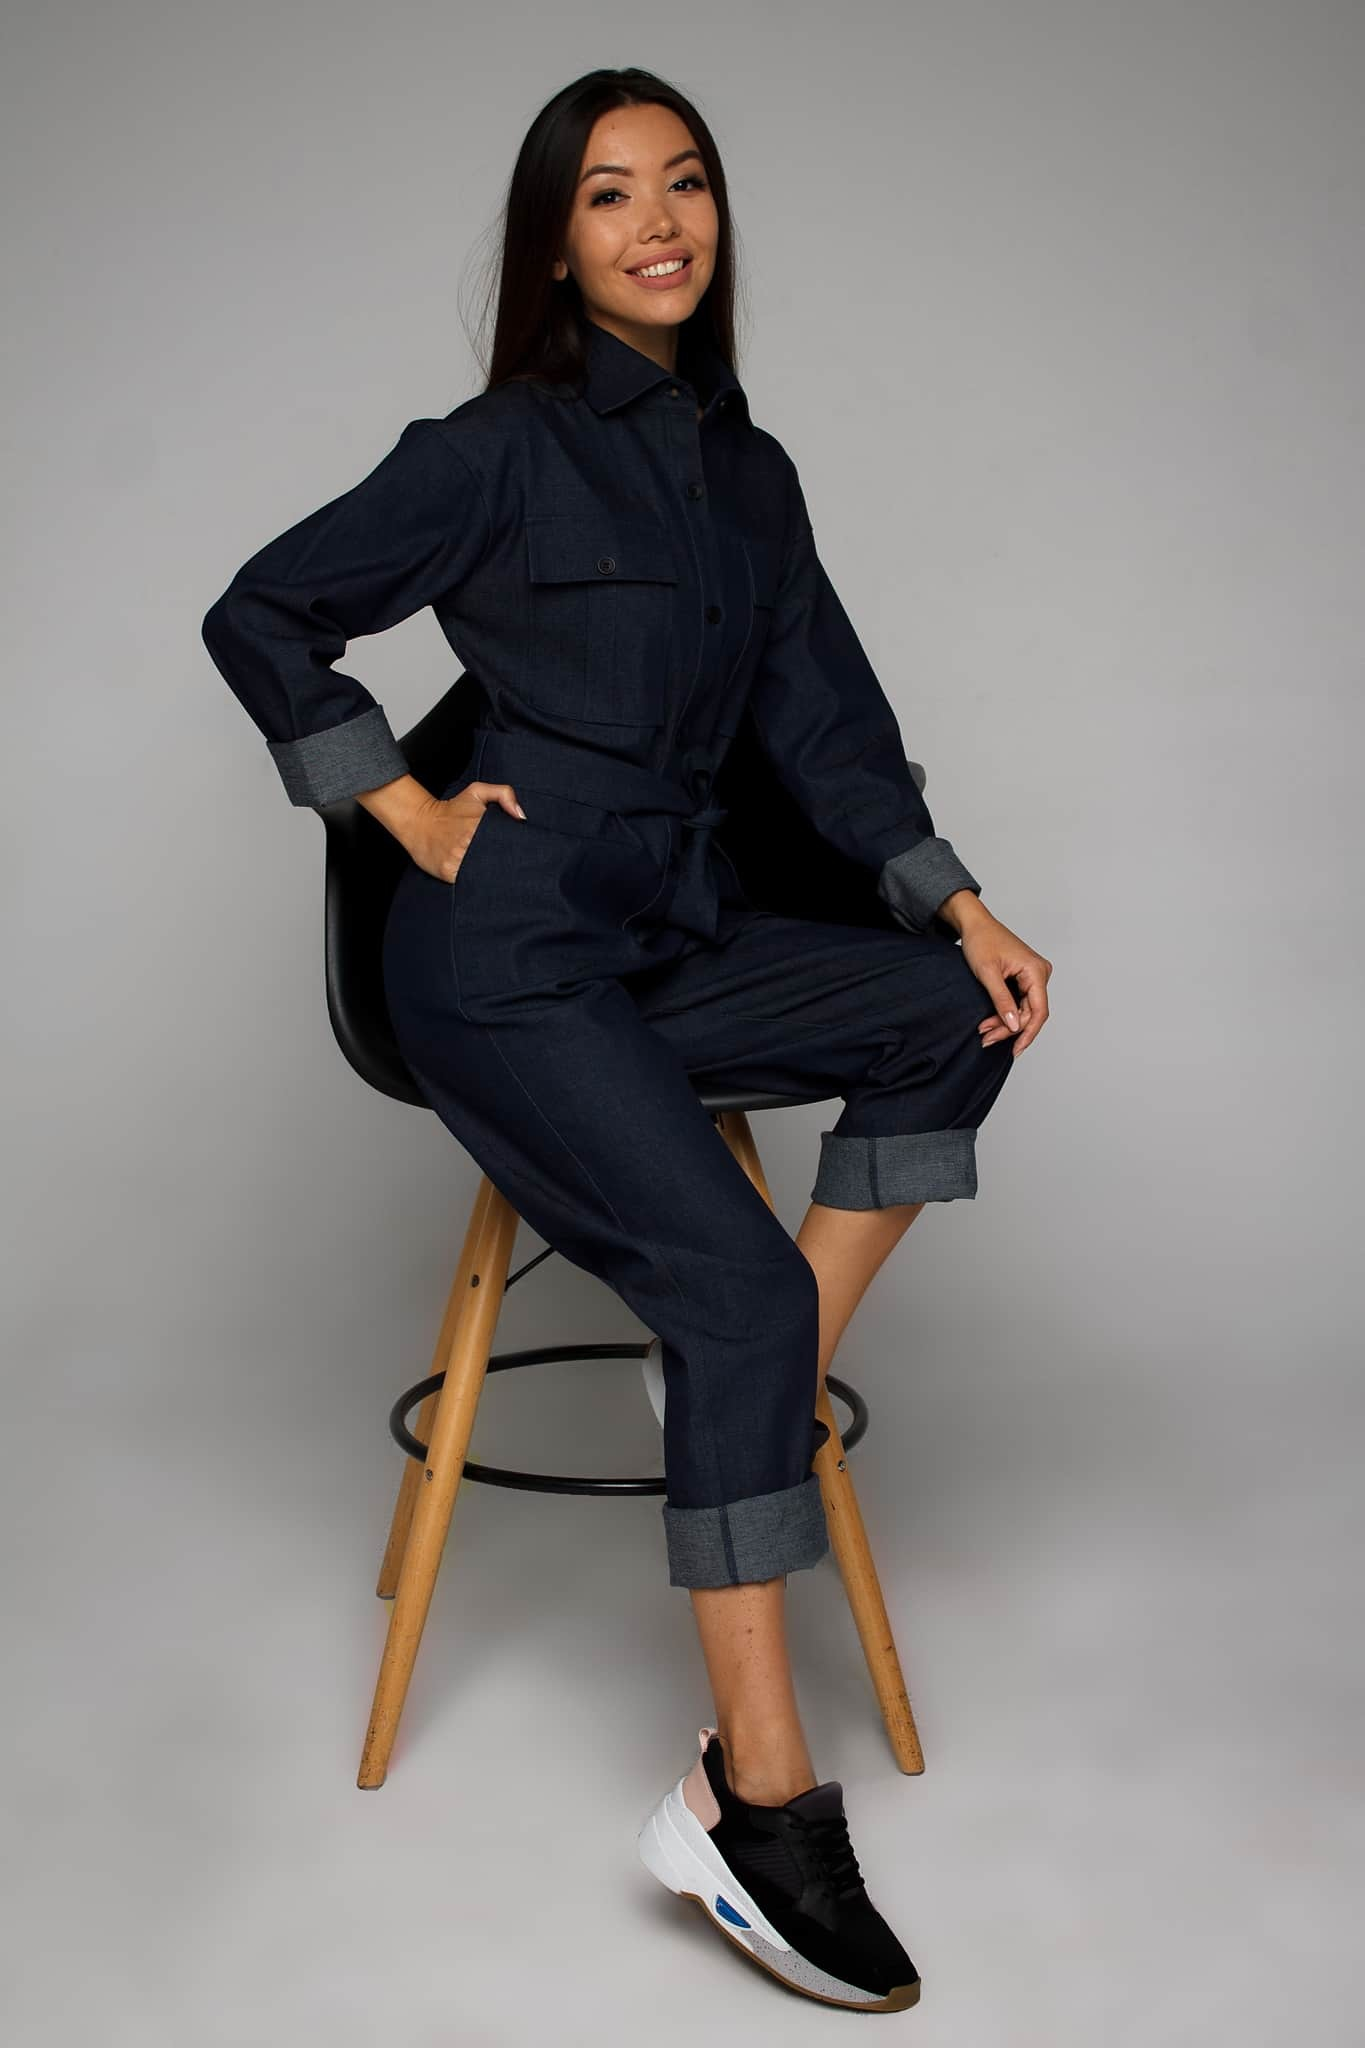 джинсовые комбинезоны от украинского бренда Your Own Style